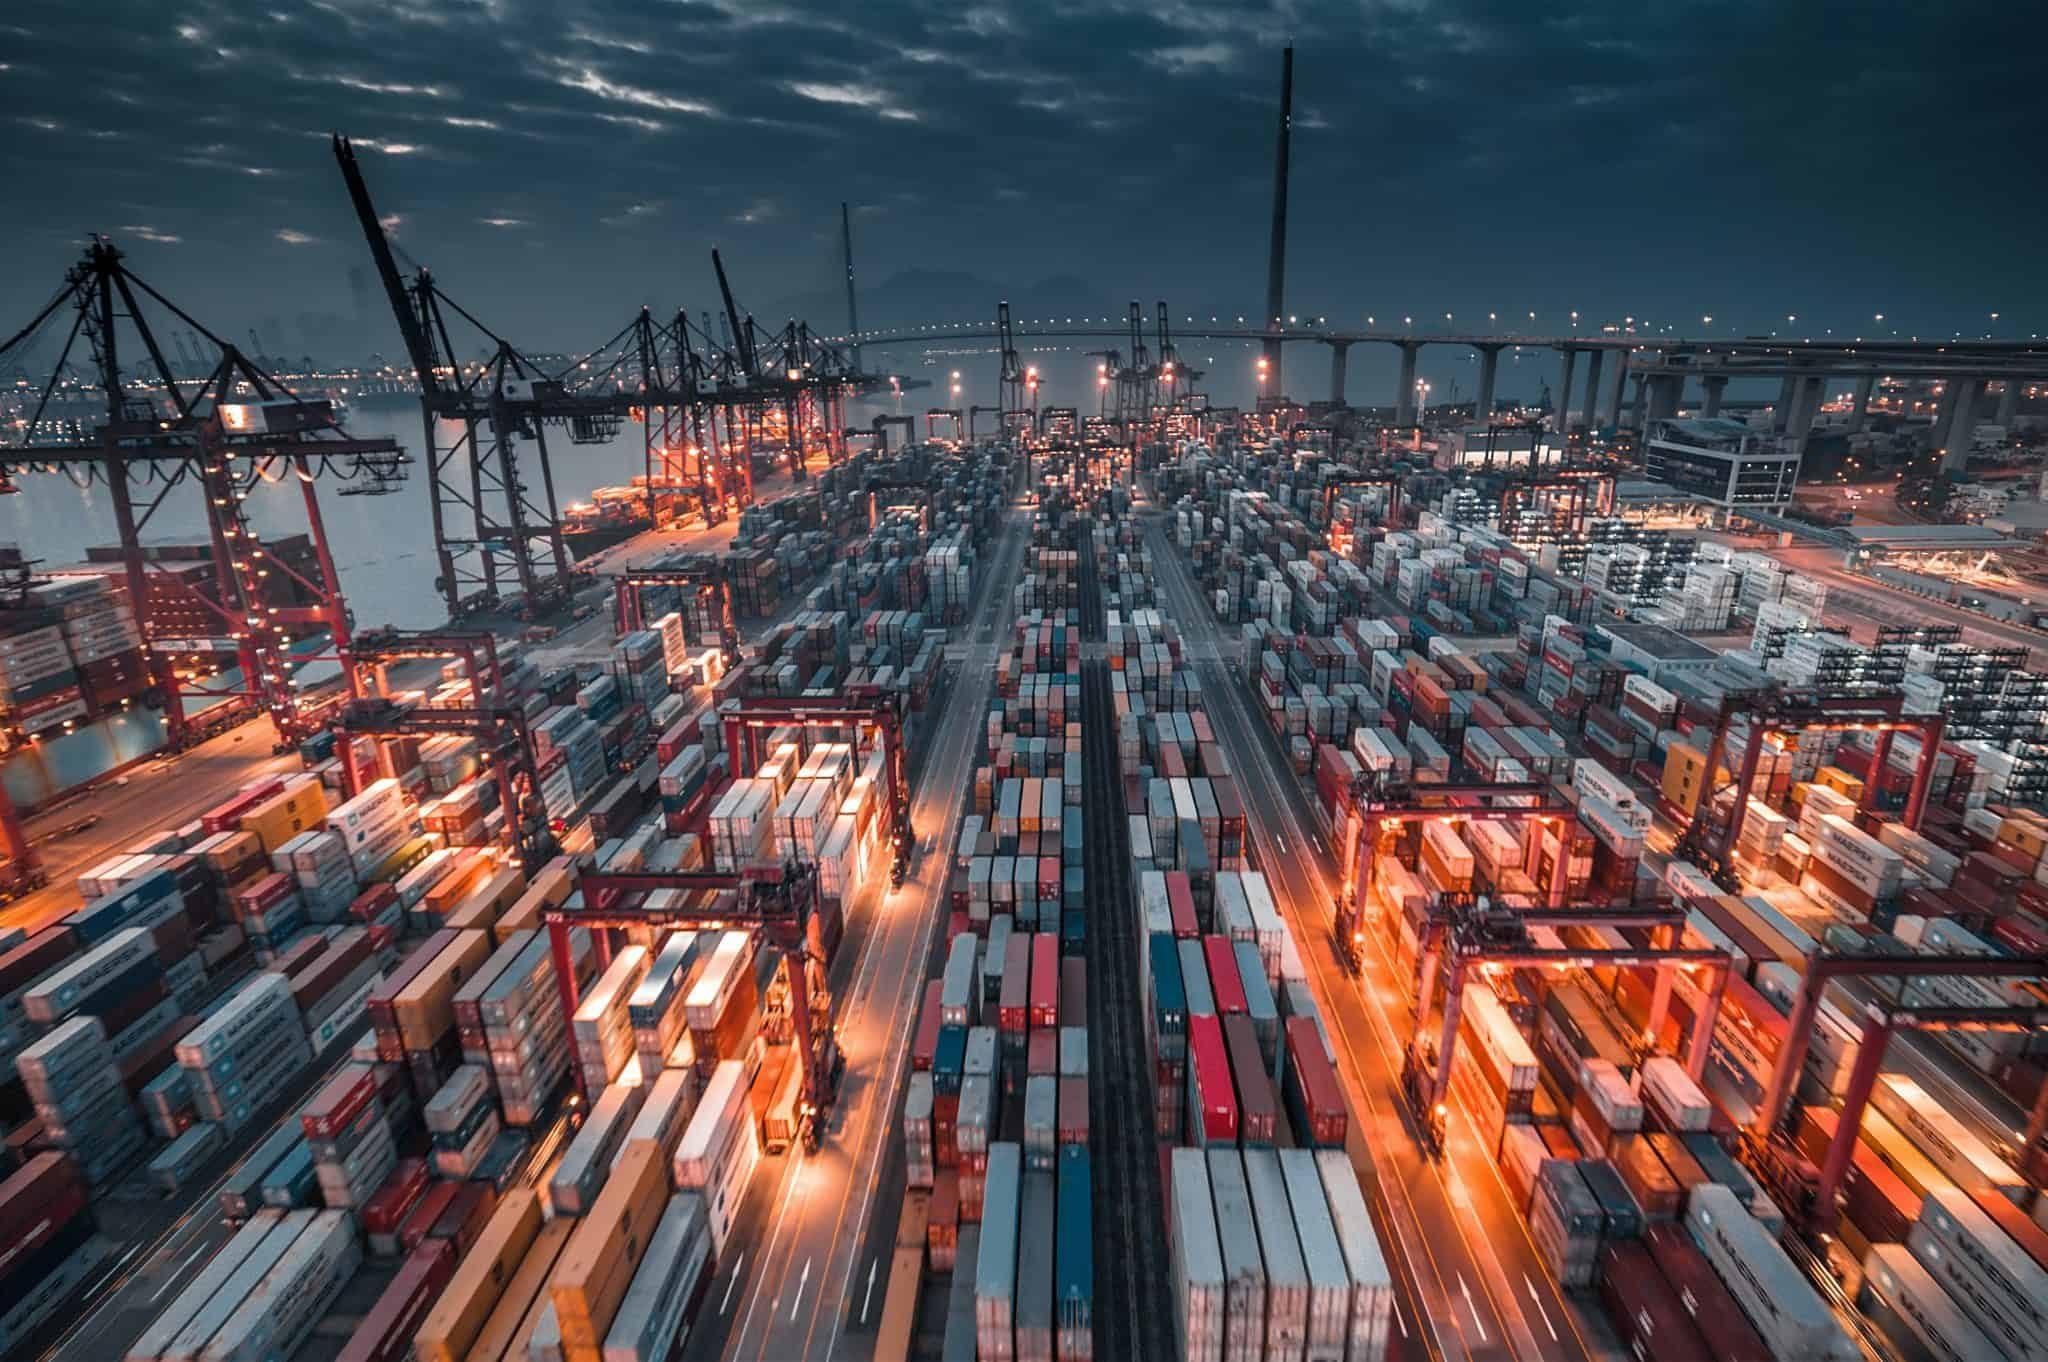 Drugscriminelen infiltreren continu en op grote schaal in de internationale rederijen zoals MSC, Maersk, Hapag Lloyd en CMA CGM. Foto Unsplash